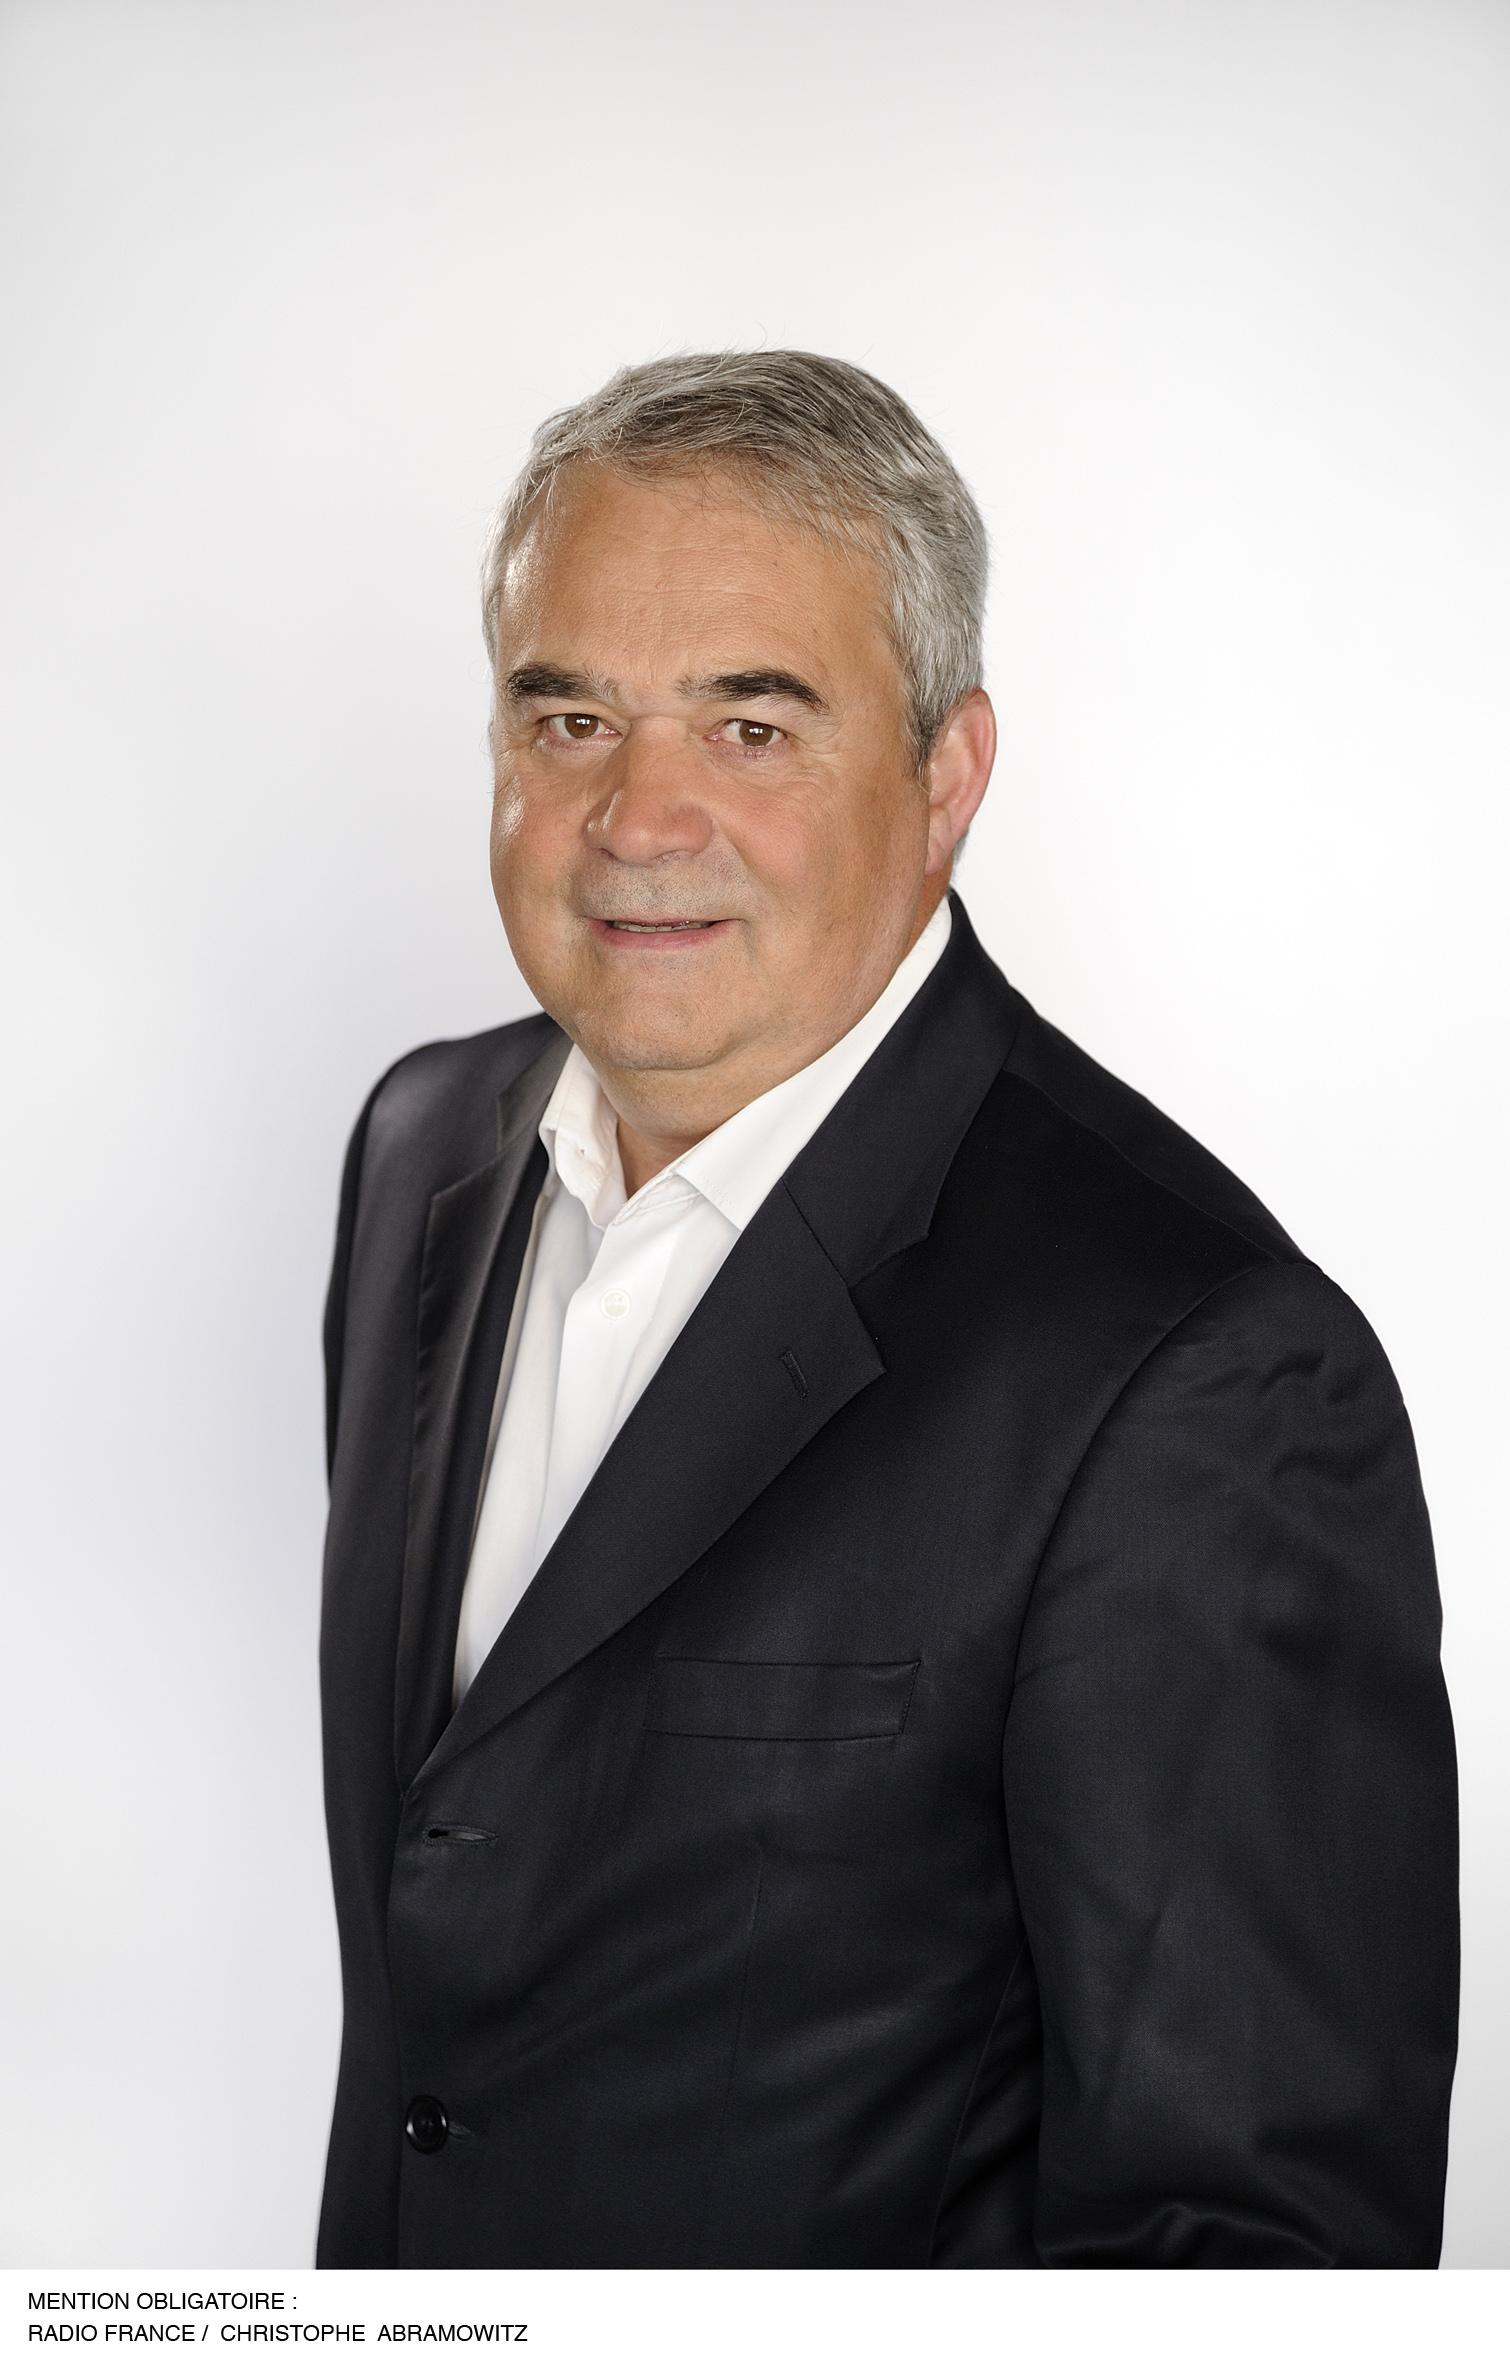 Claude Esclatine est le directeur du réseau France Bleu depuis le printemps 2014.